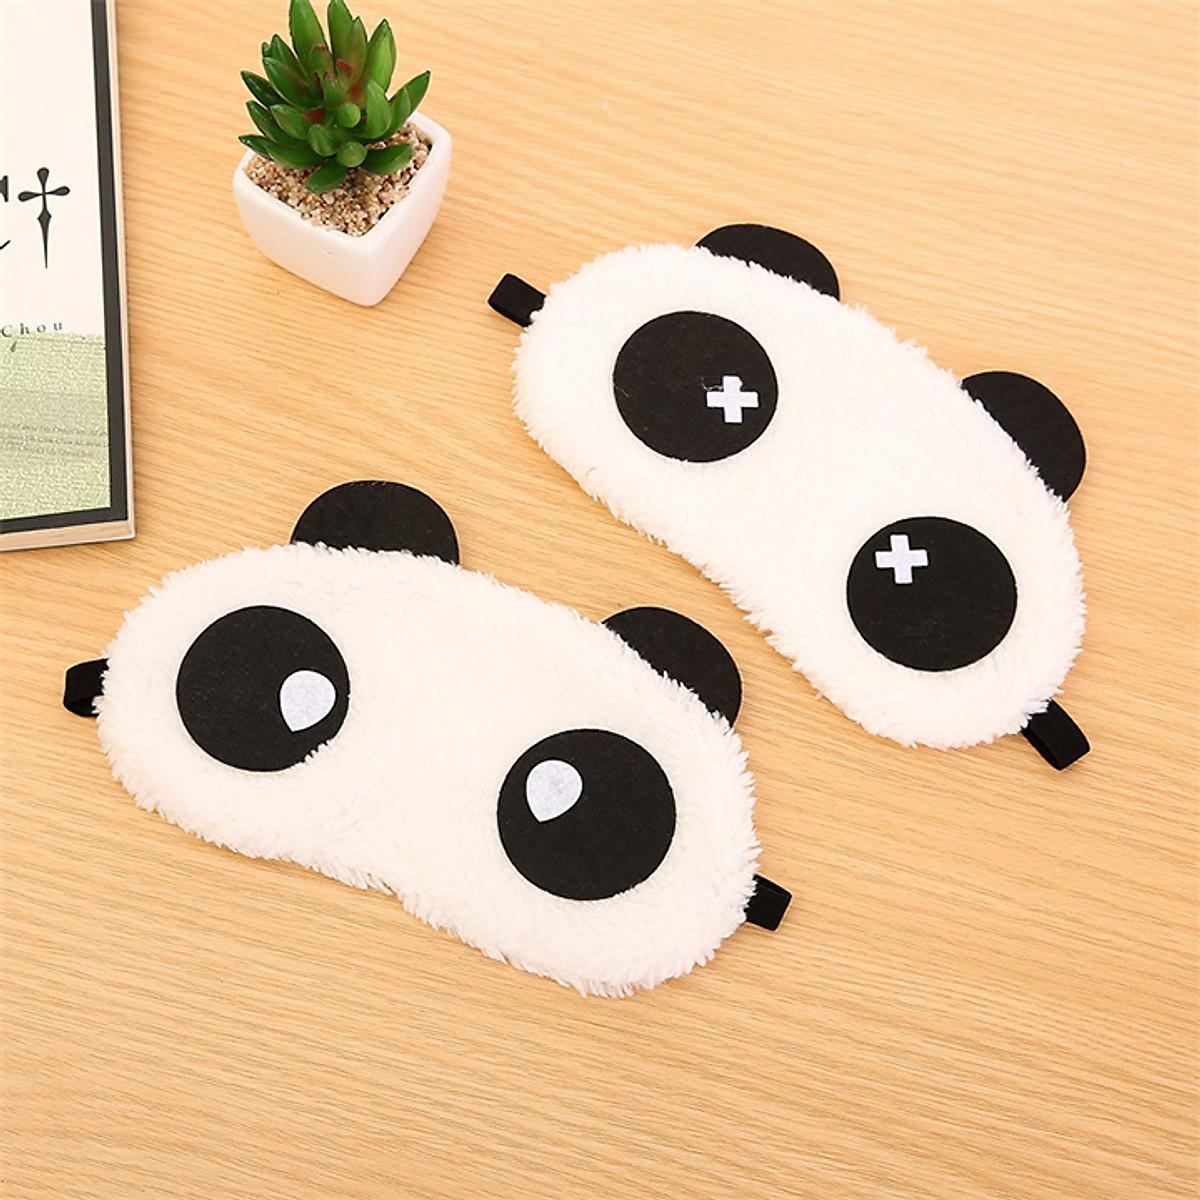 Tấm che mắt ngủ gấu hình panda (ngẫu nhiên)